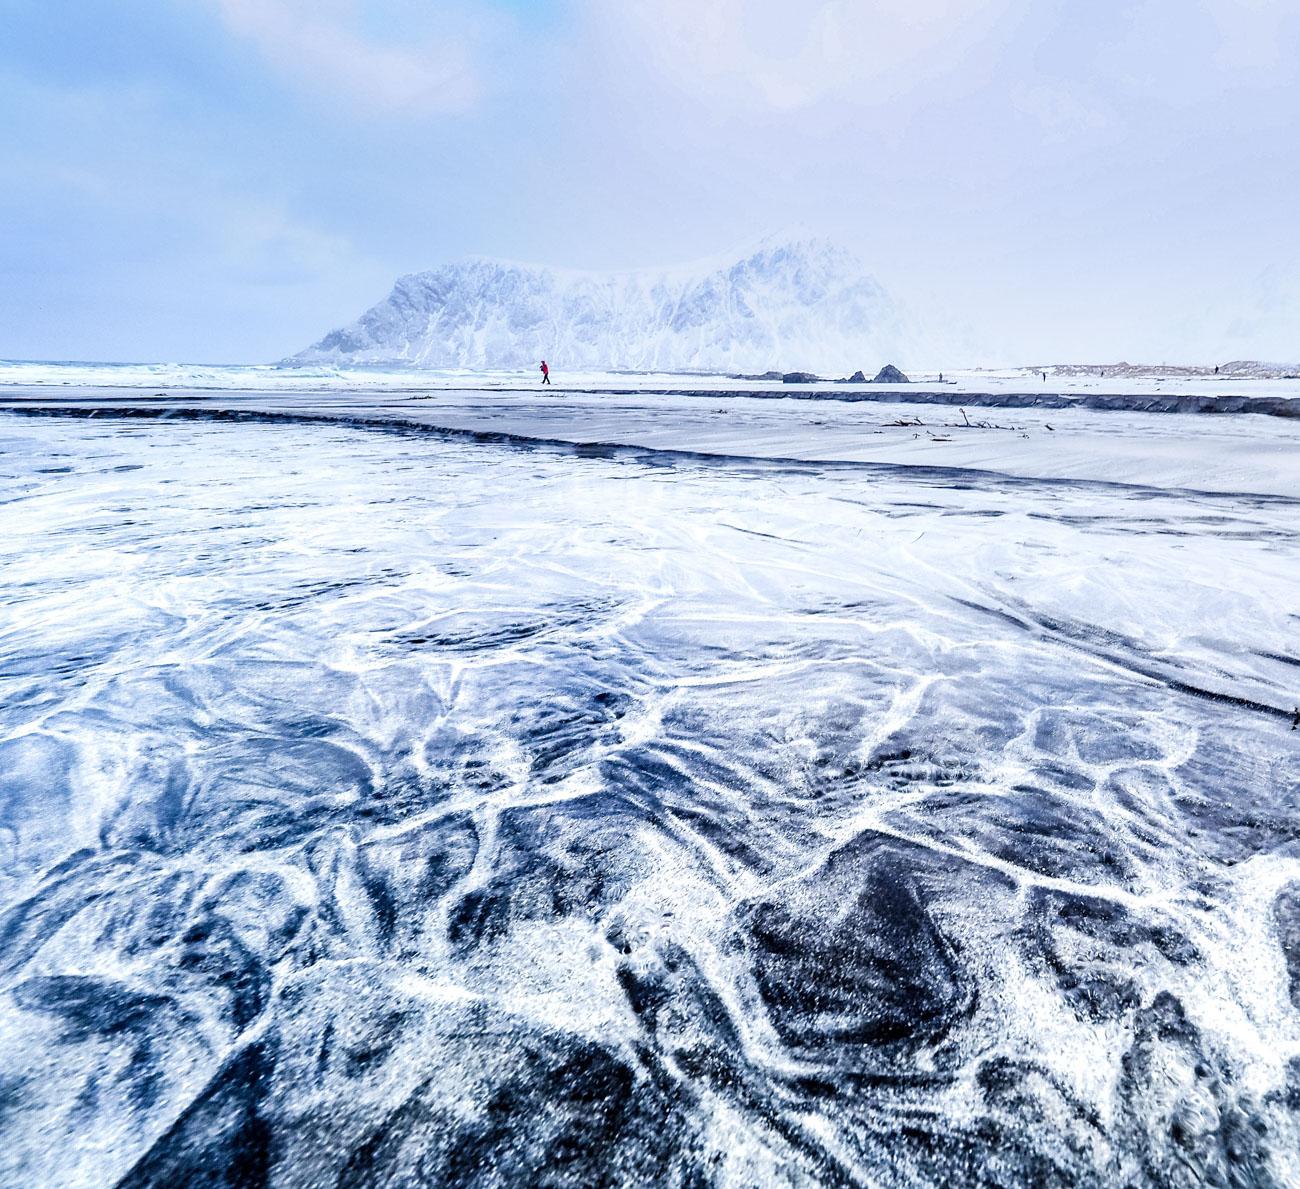 Voyage photo en Norvège / îles Lofoten